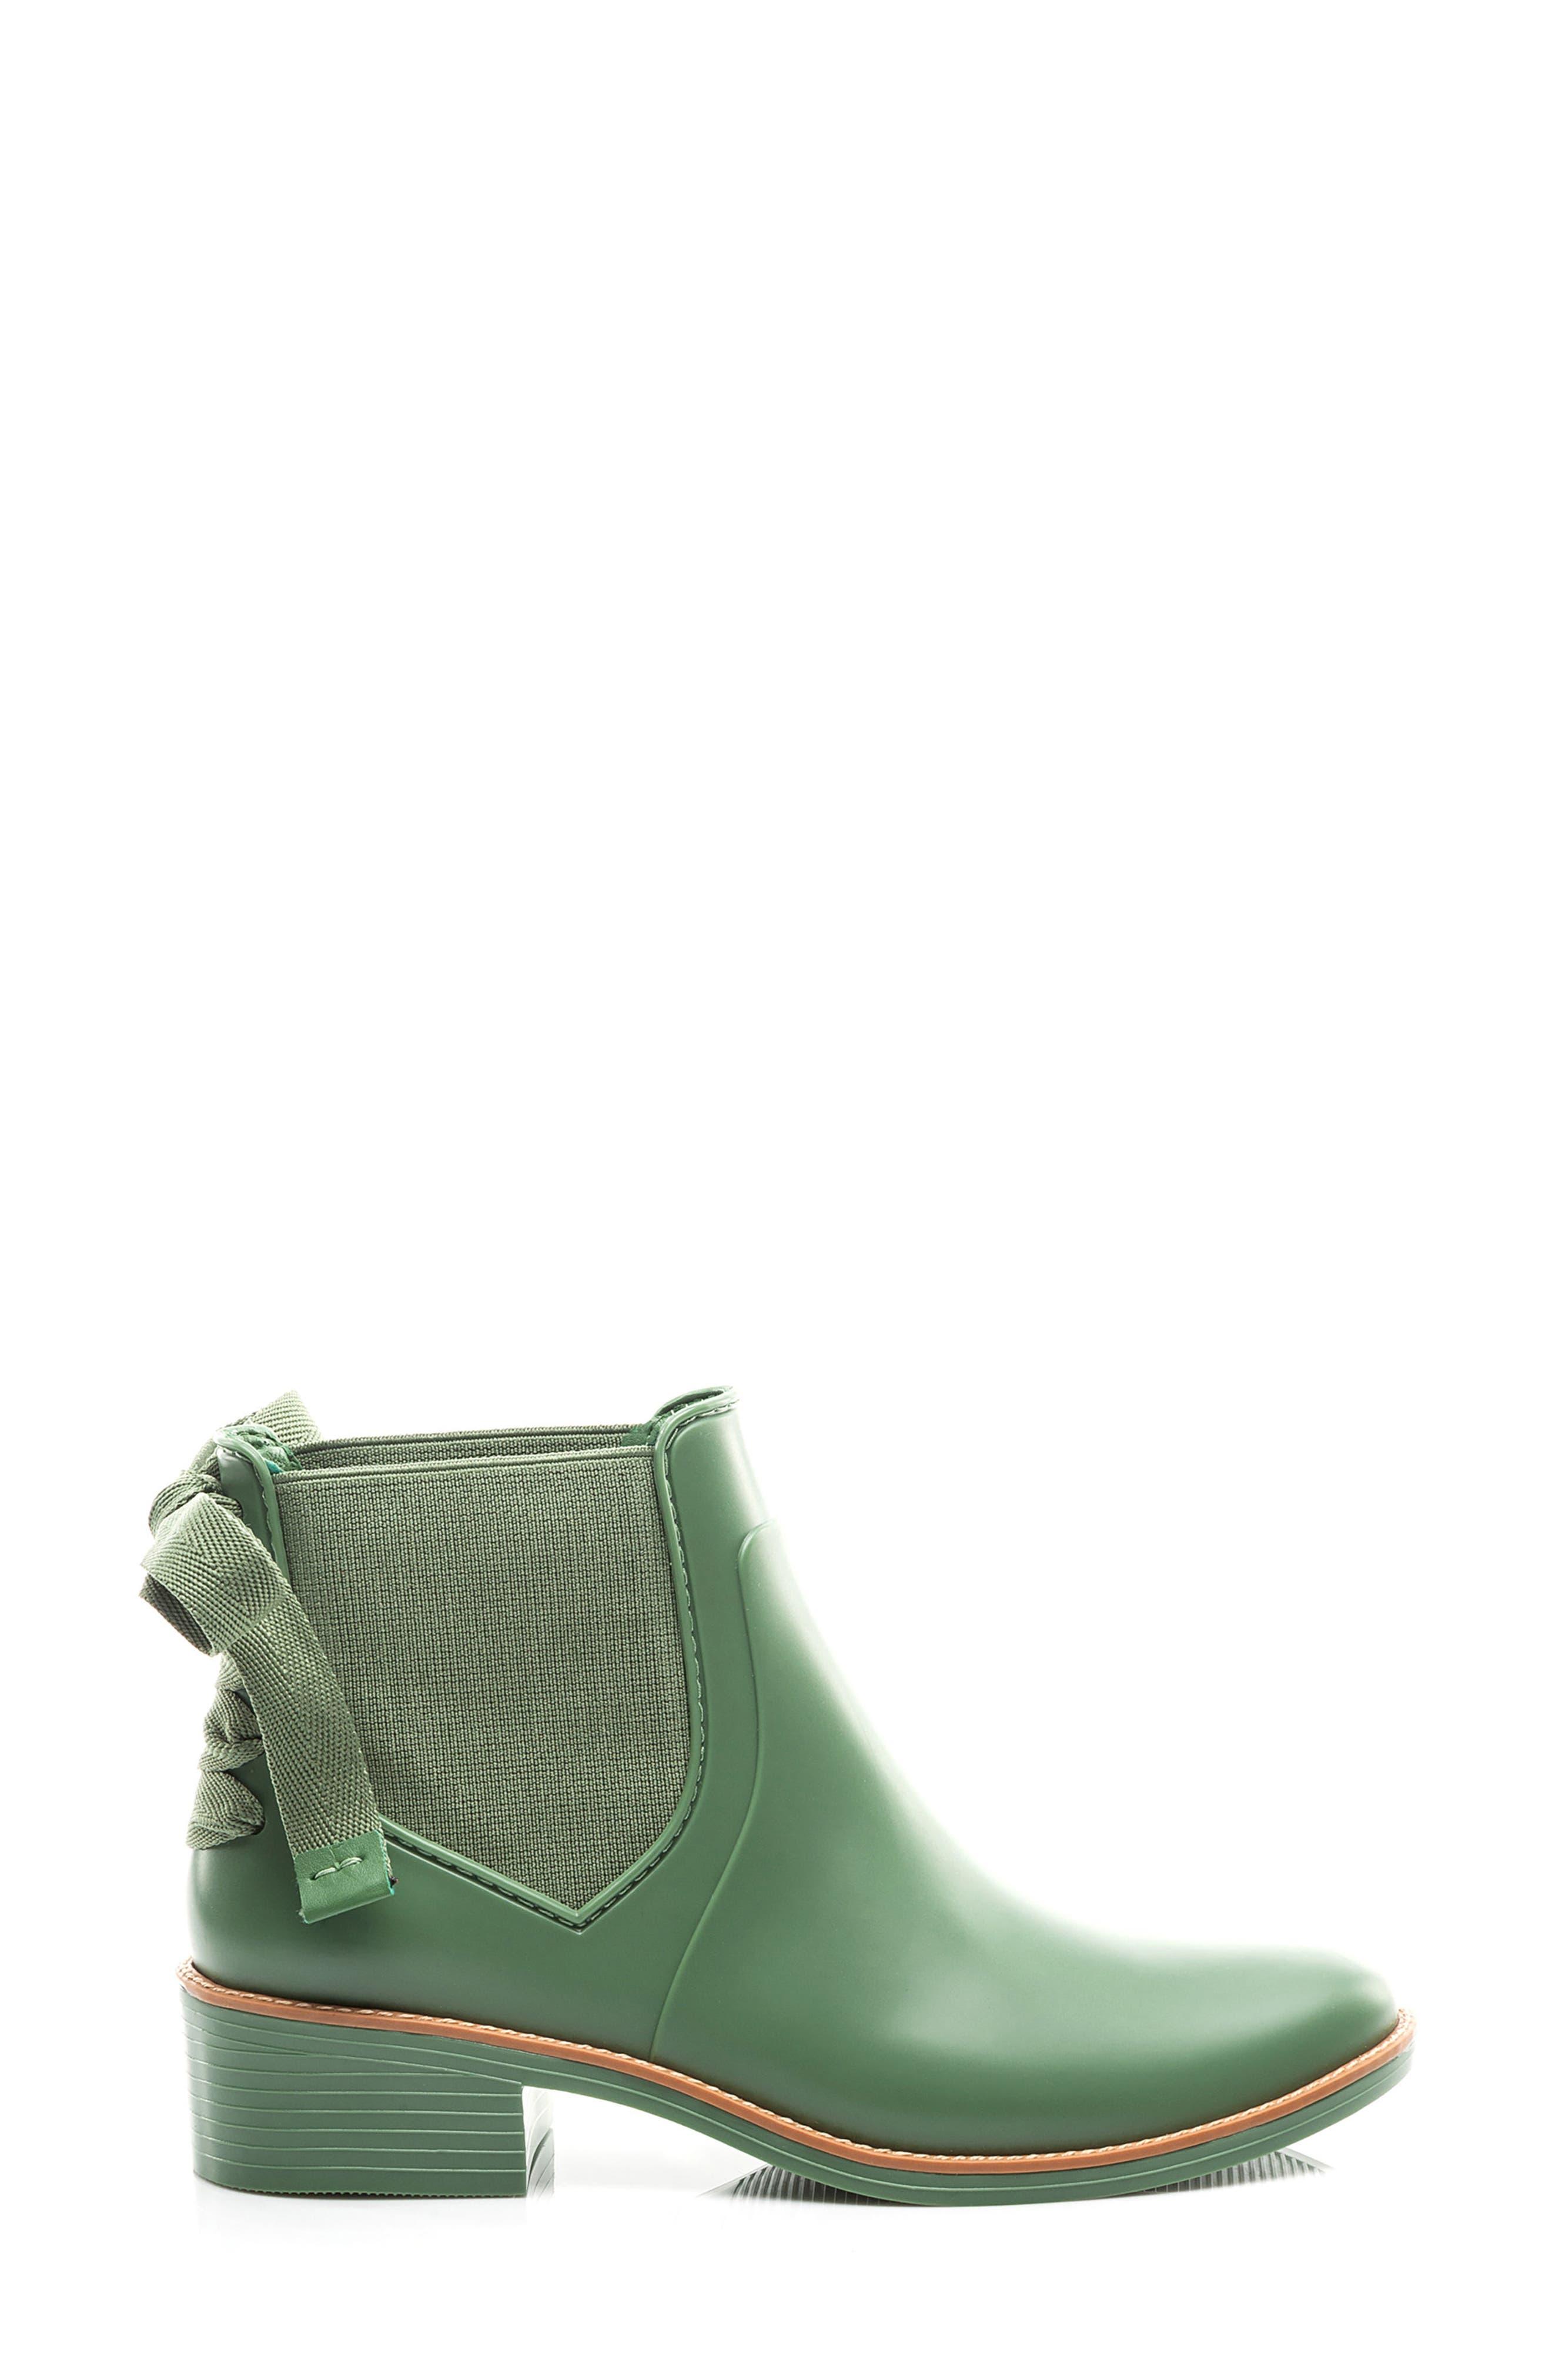 Alternate Image 3  - Bernardo Footwear Paige Rain Boot (Women)